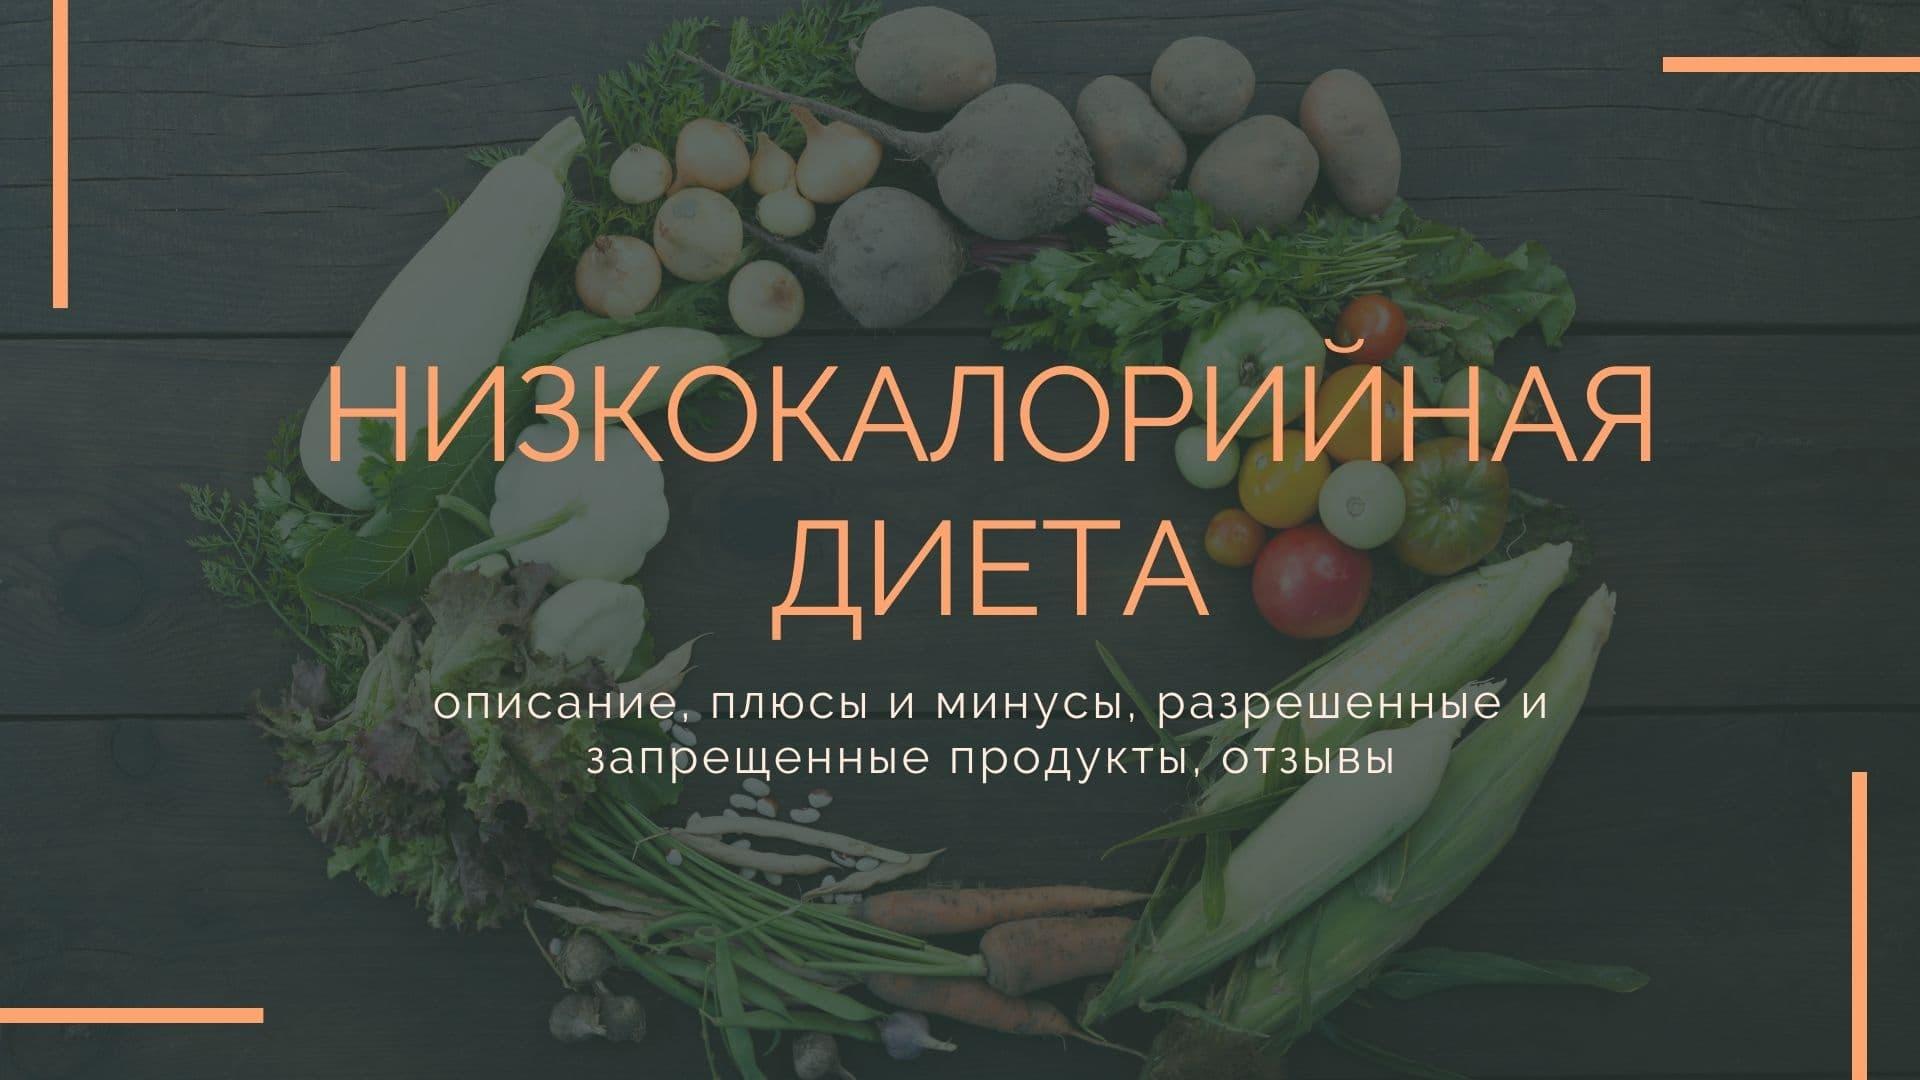 Низкокалорийная диета: описание, плюсы и минусы, разрешенные и запрещенные продукты, отзывы